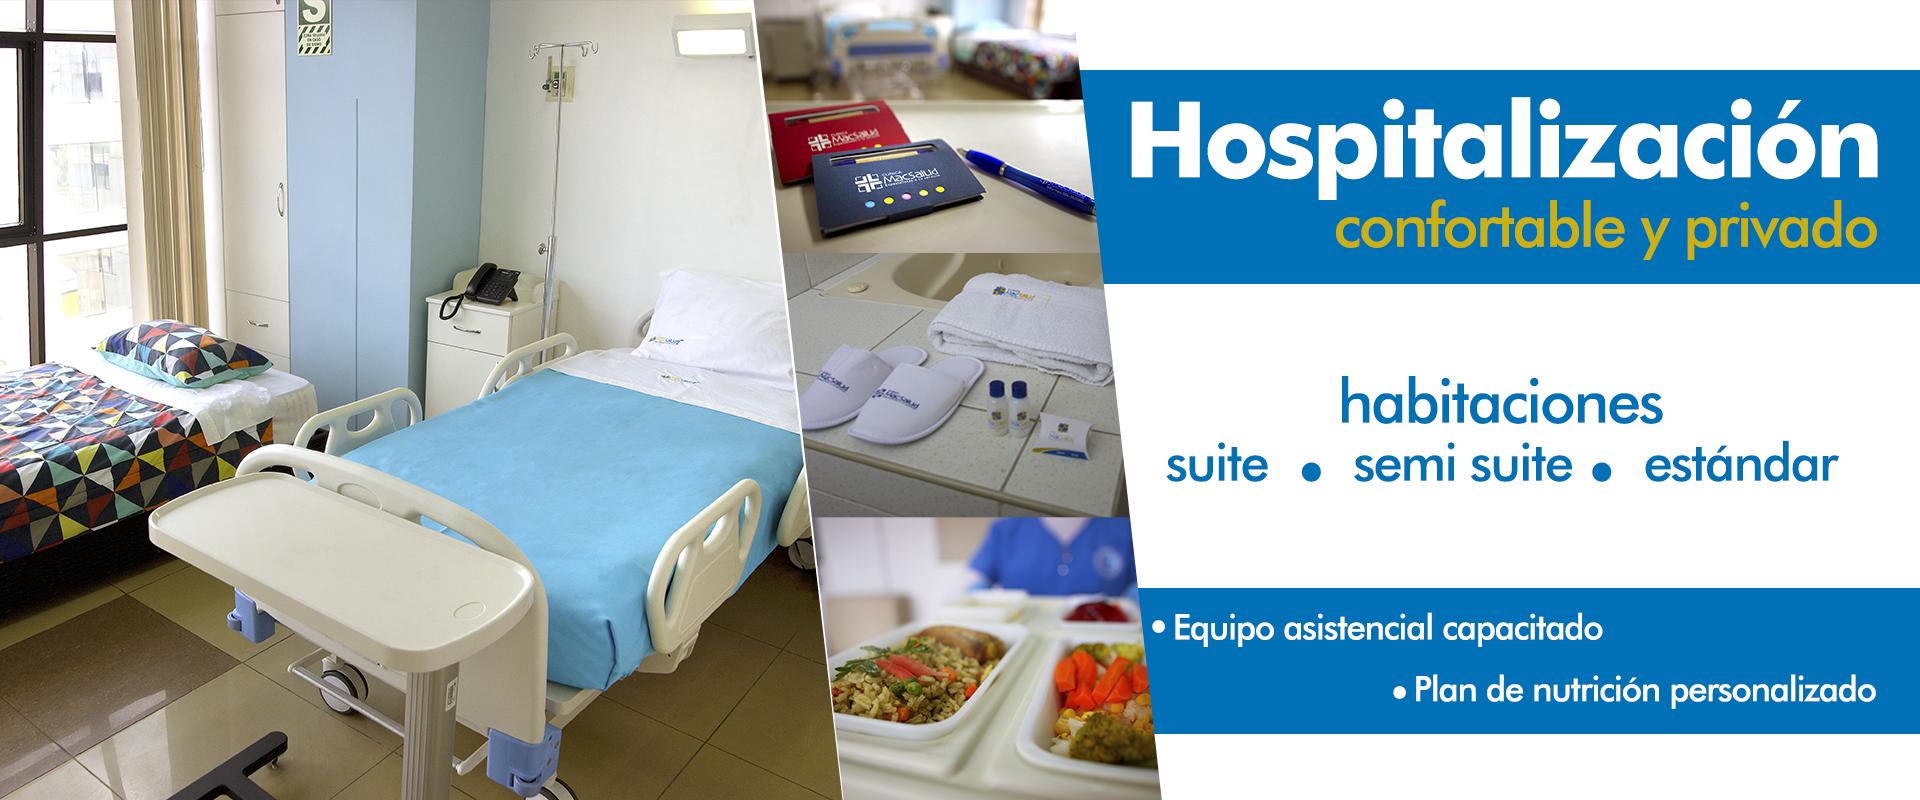 MacSalud Hospitalización